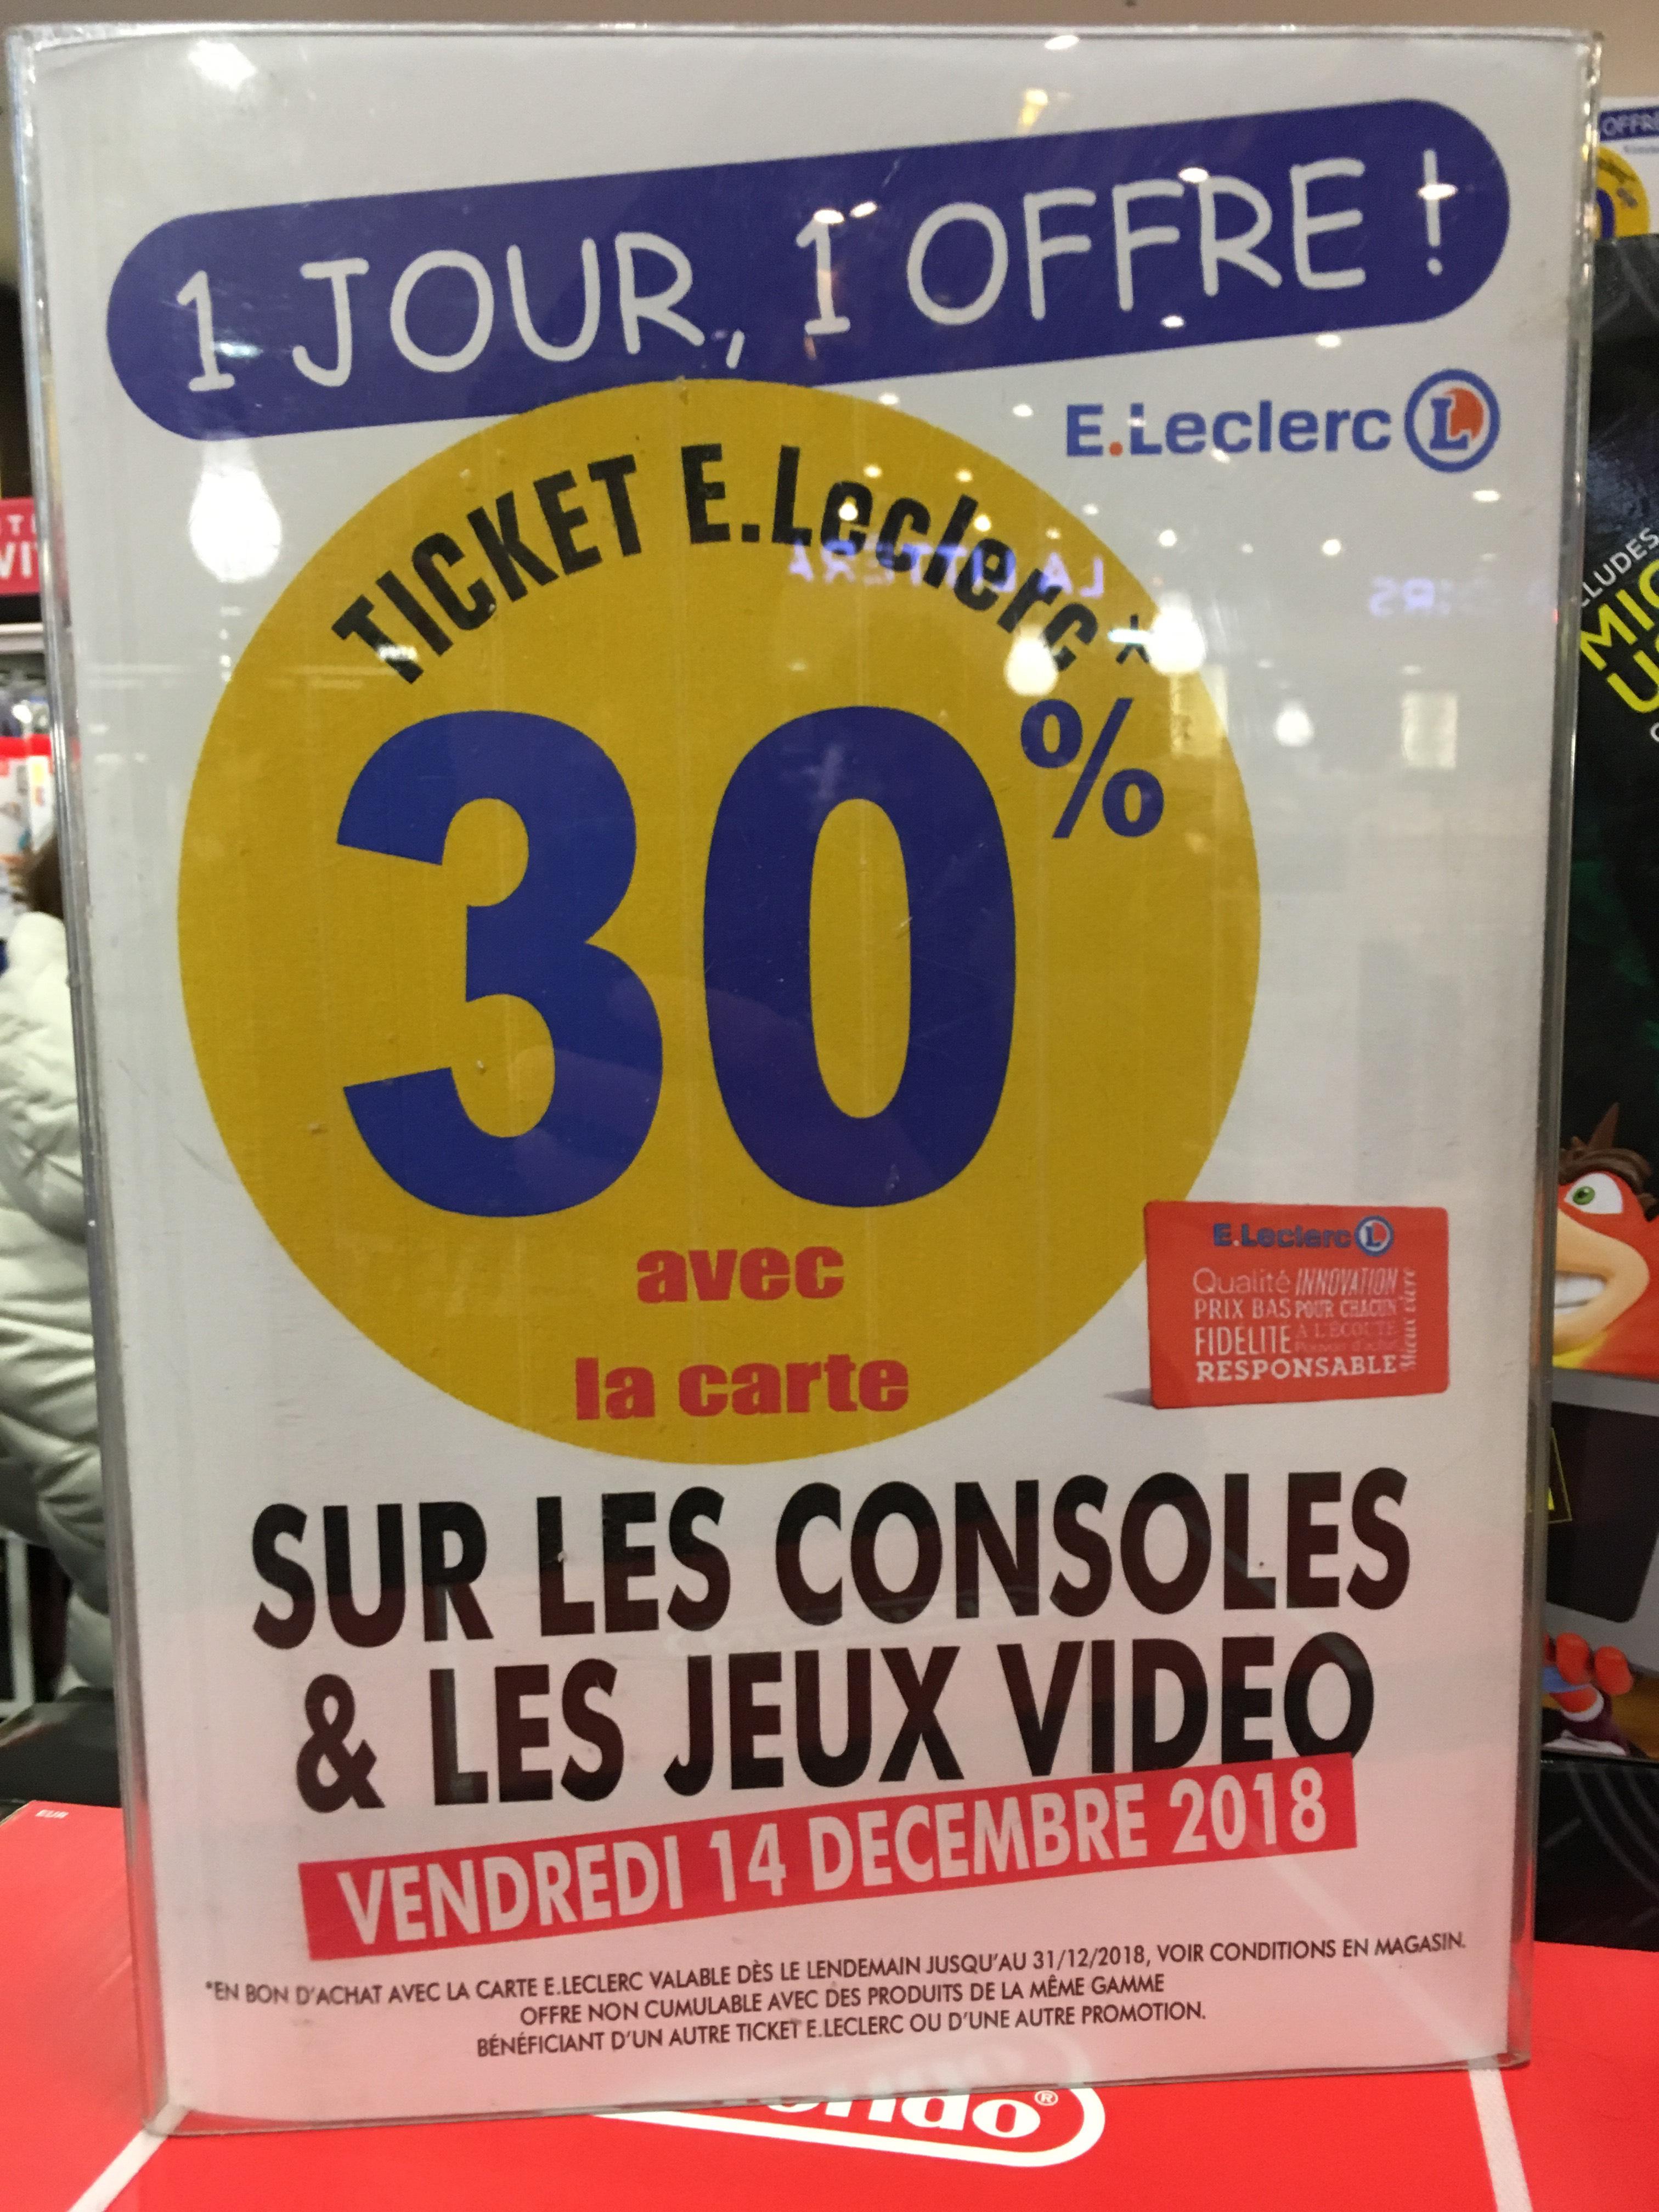 30% de réduction sur les consoles et jeux vidéo - Ex : Console Nintendo Switch (Via Bon d'achat de 87.75€) - Saint-Étienne-du-Rouvray (76)